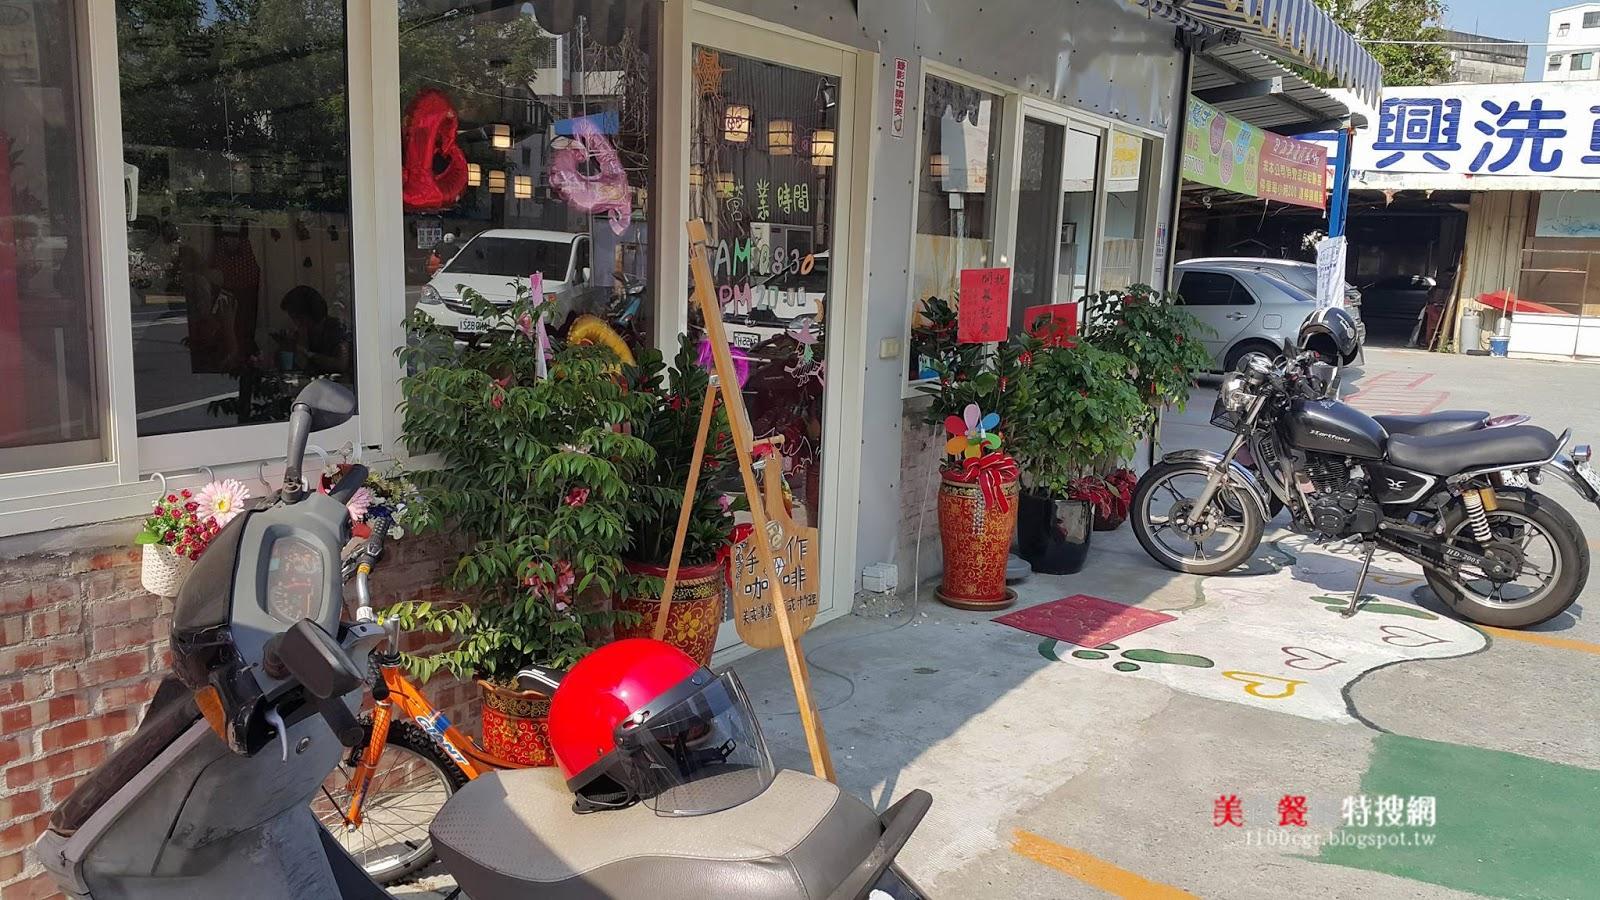 [南部] 雲林縣斗六市【幸福九克拉】我的幸福就從幸福九克拉開始